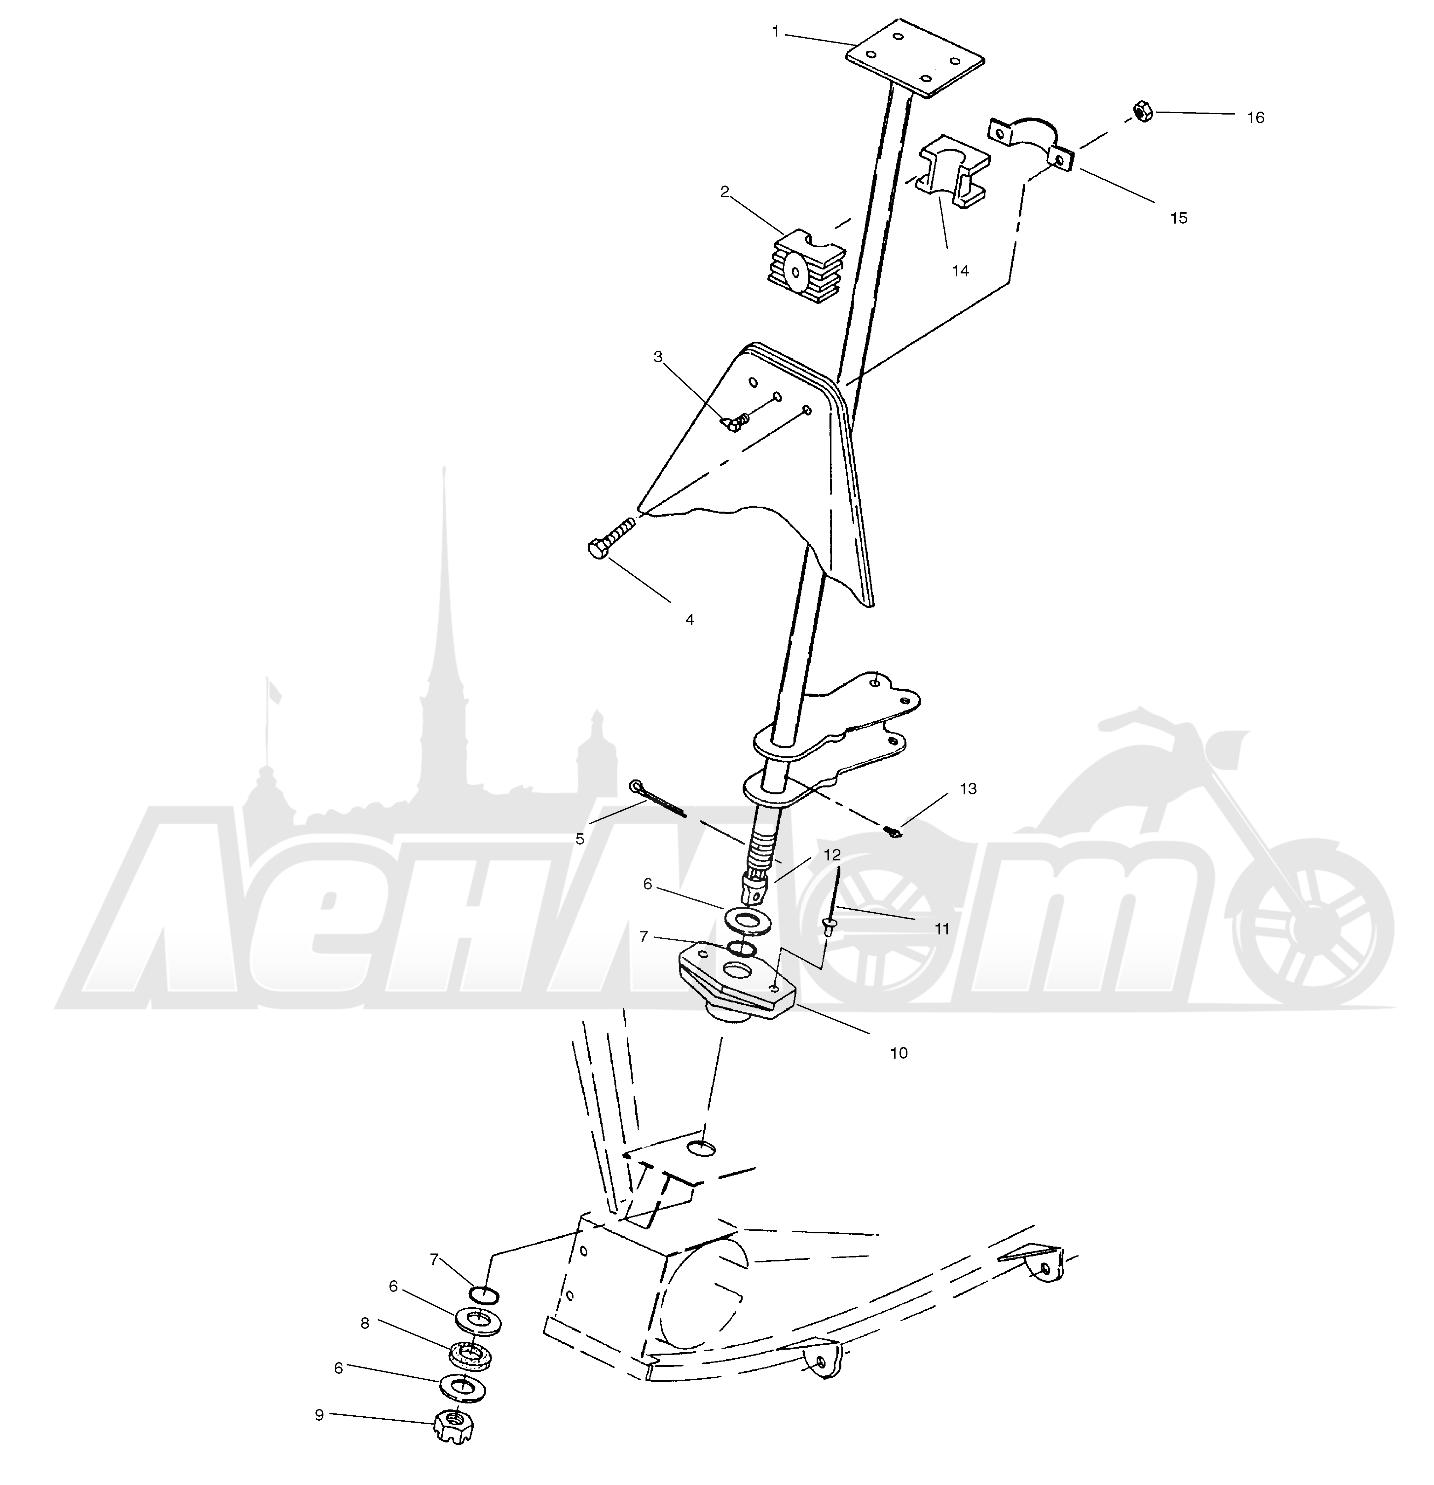 Запчасти для Квадроцикла Polaris 1996 TRAIL BLAZER ES - W967827 Раздел: STEERING POST - W968540 | рулевое управление стойка W968540